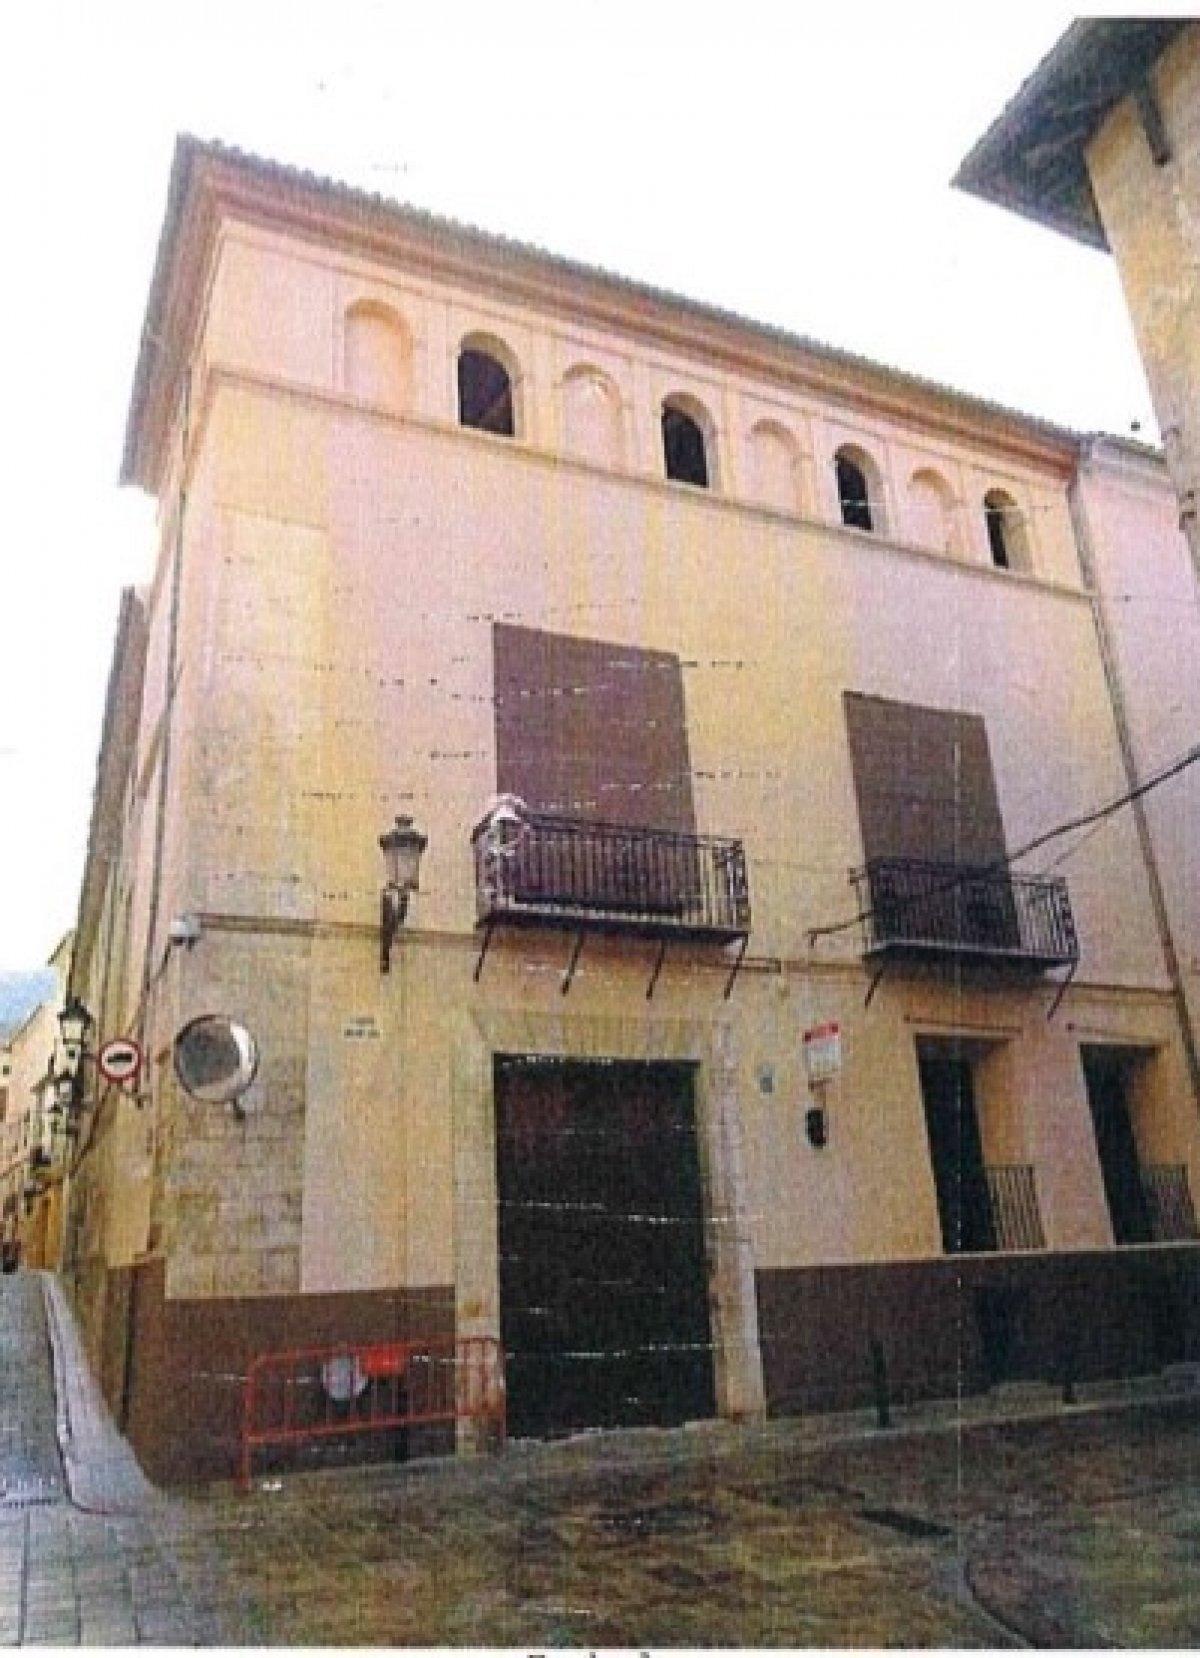 Edificio  Calle moncada. Una oportunidad única para adquirir el palacio de un noble del p